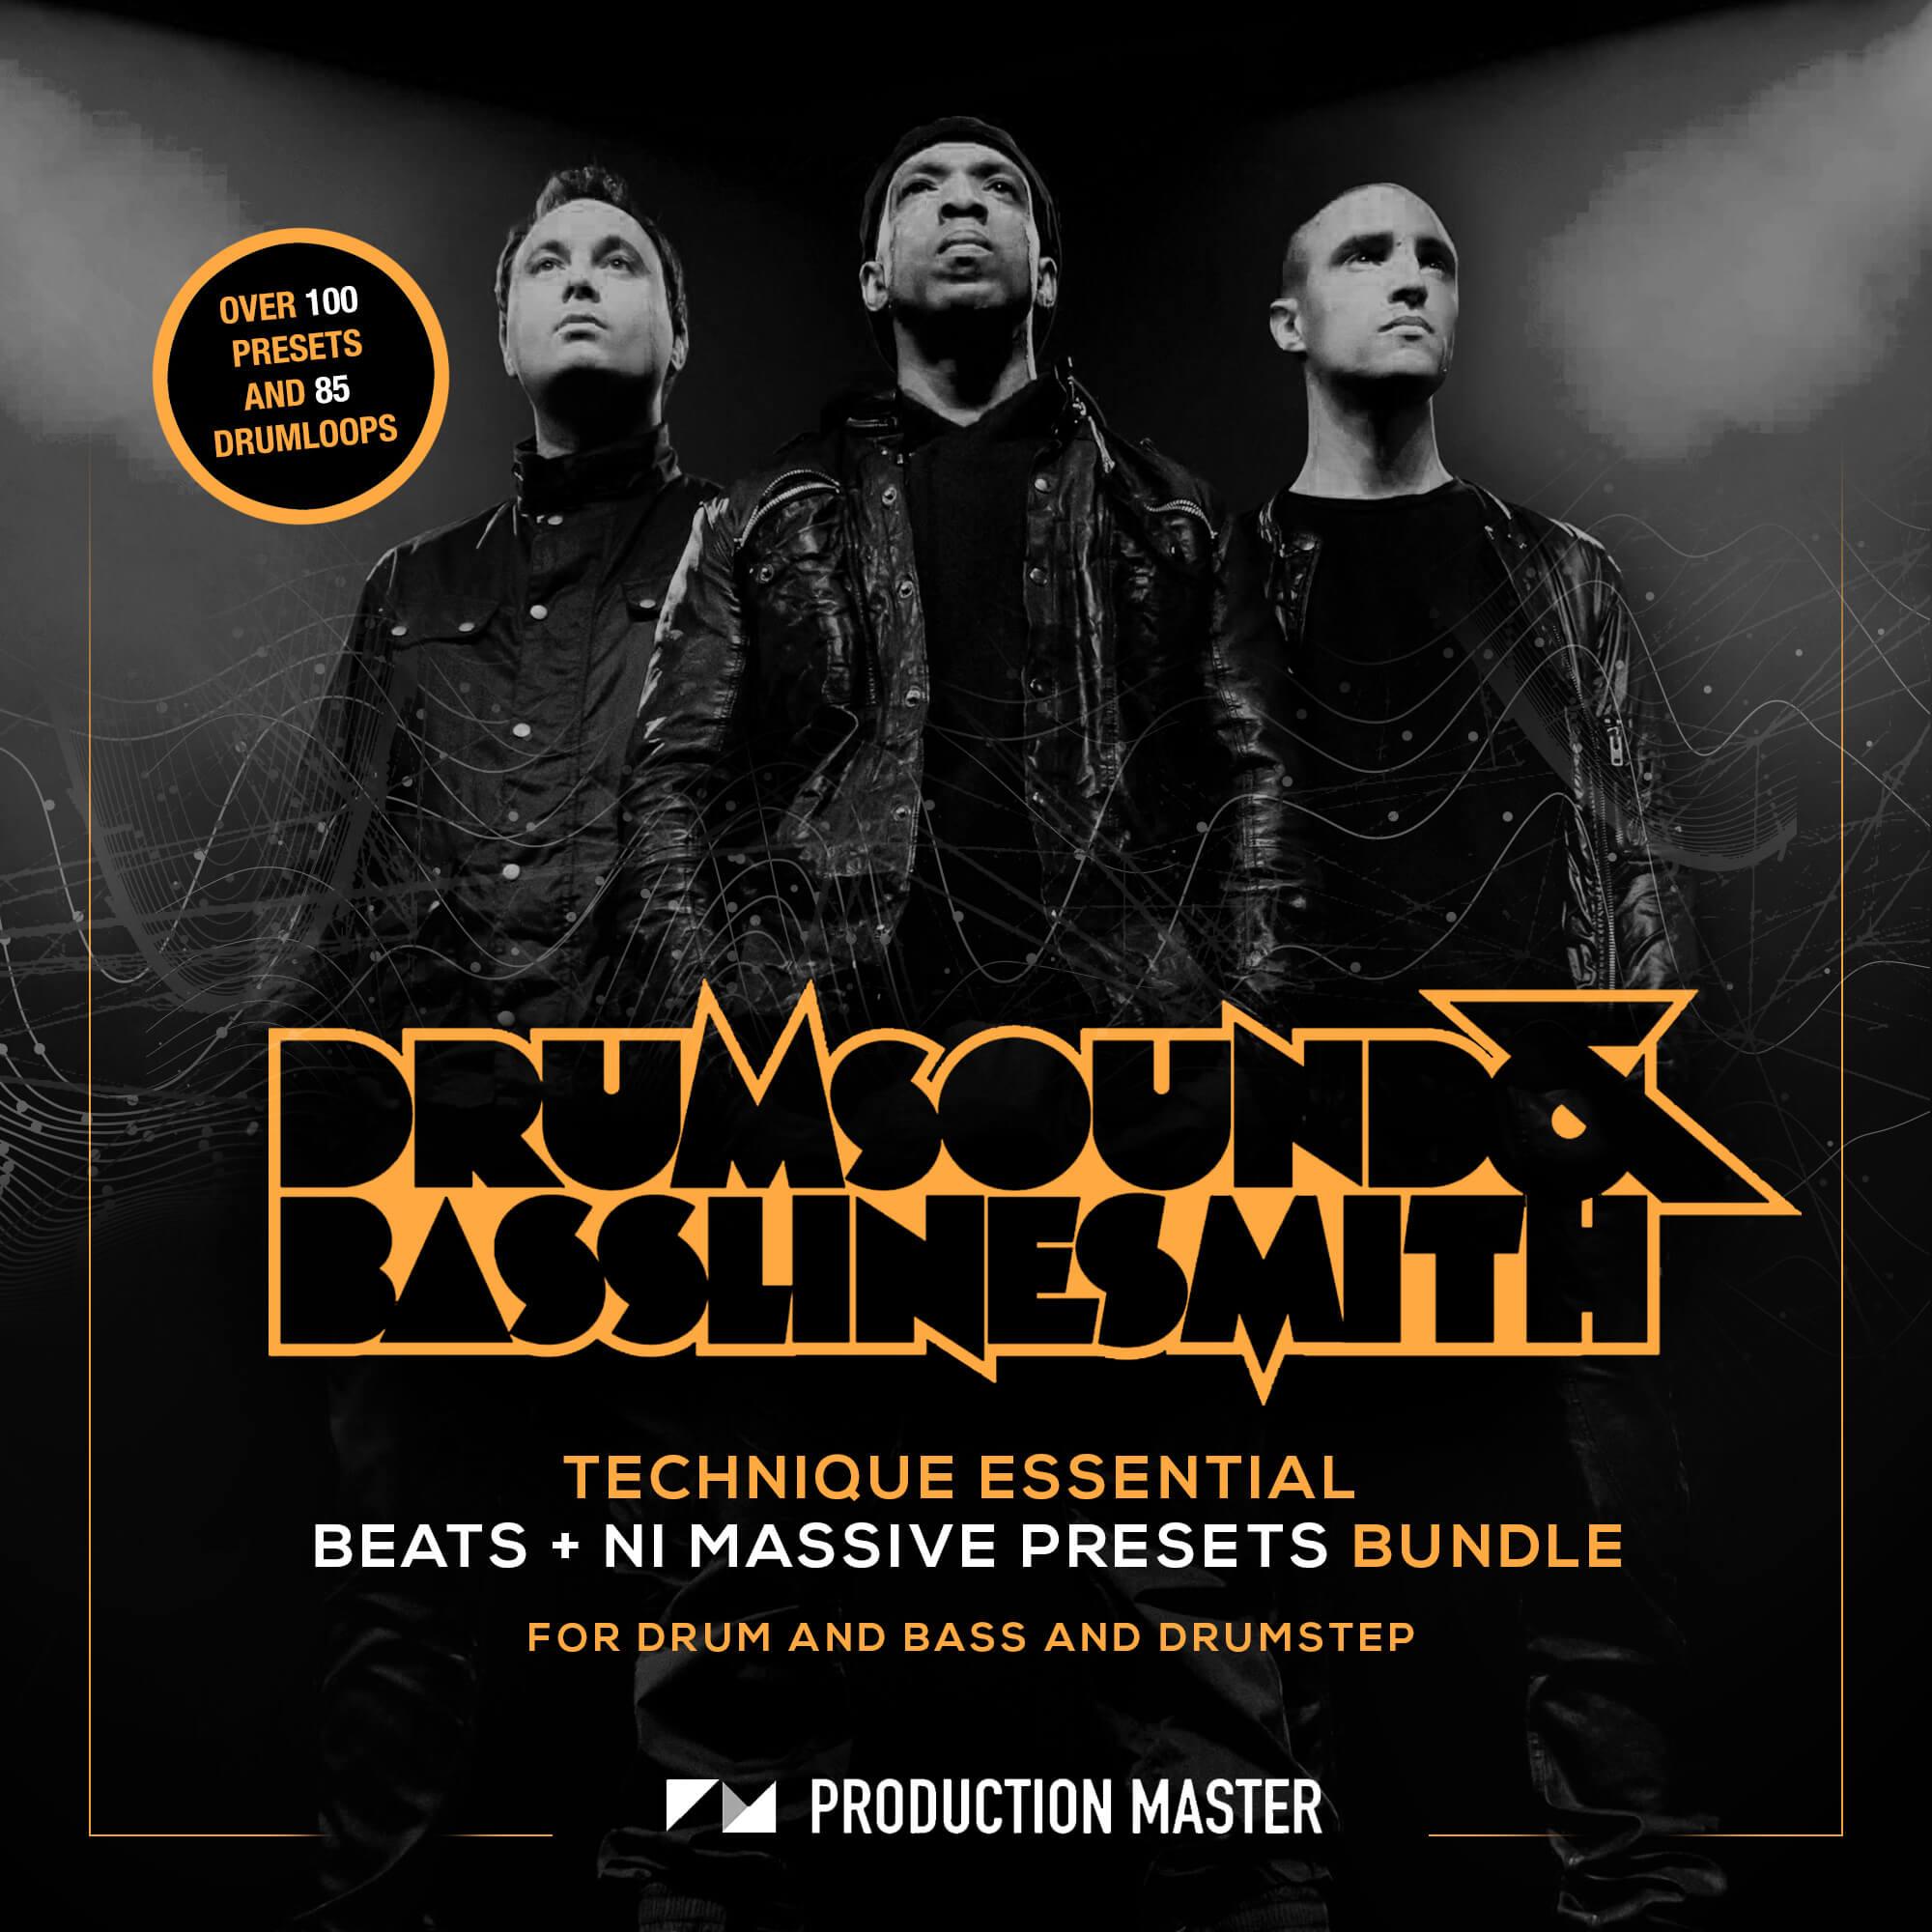 Drumsound and Bassline Smith Technique Essential Bundle